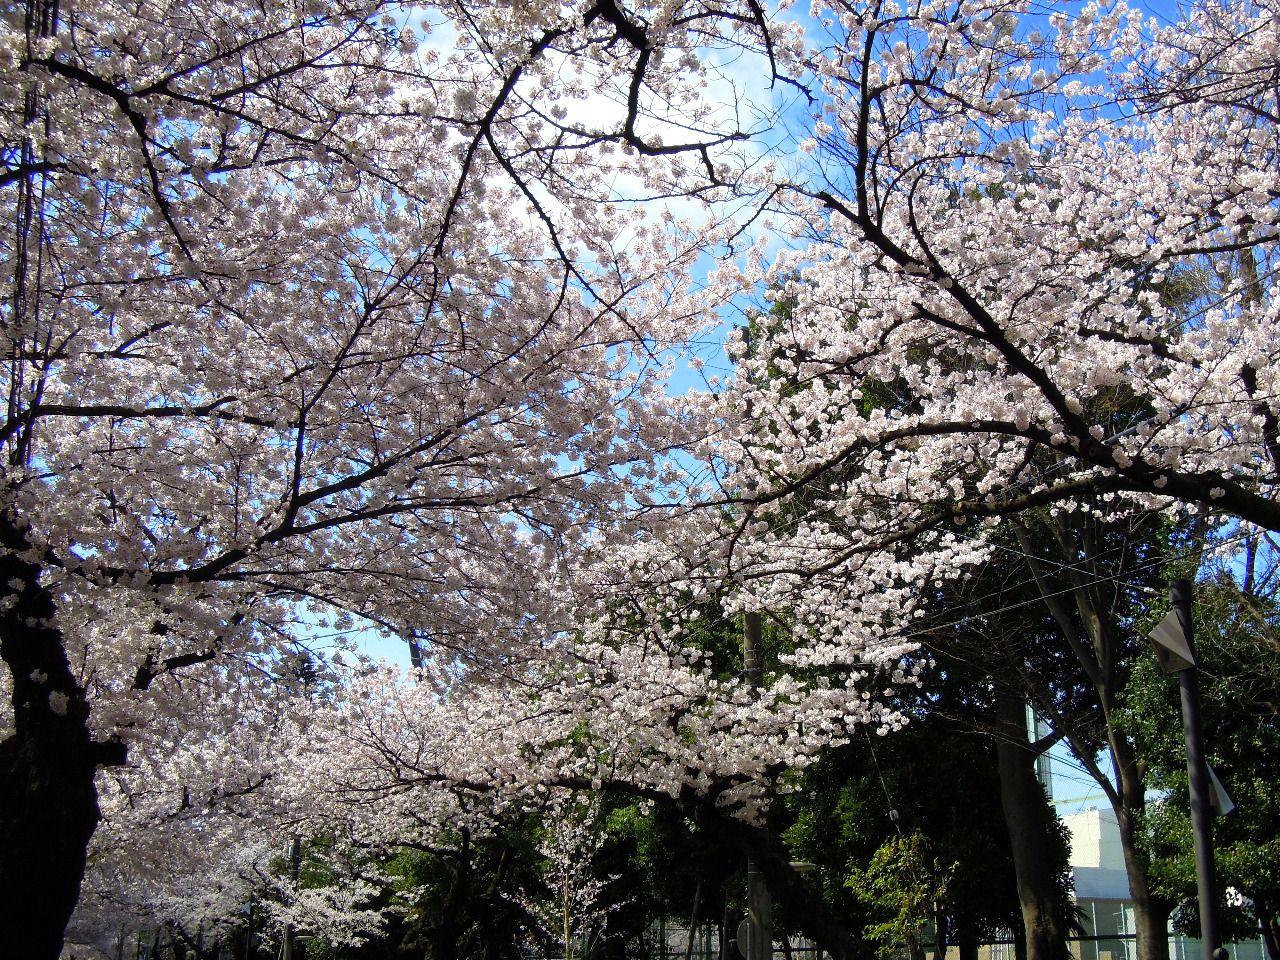 武蔵野桜まつりは2017年4月2日(日)に市民公園をはじめ、体育館周辺で開催されます。市役所前の桜で春を満喫しましょう